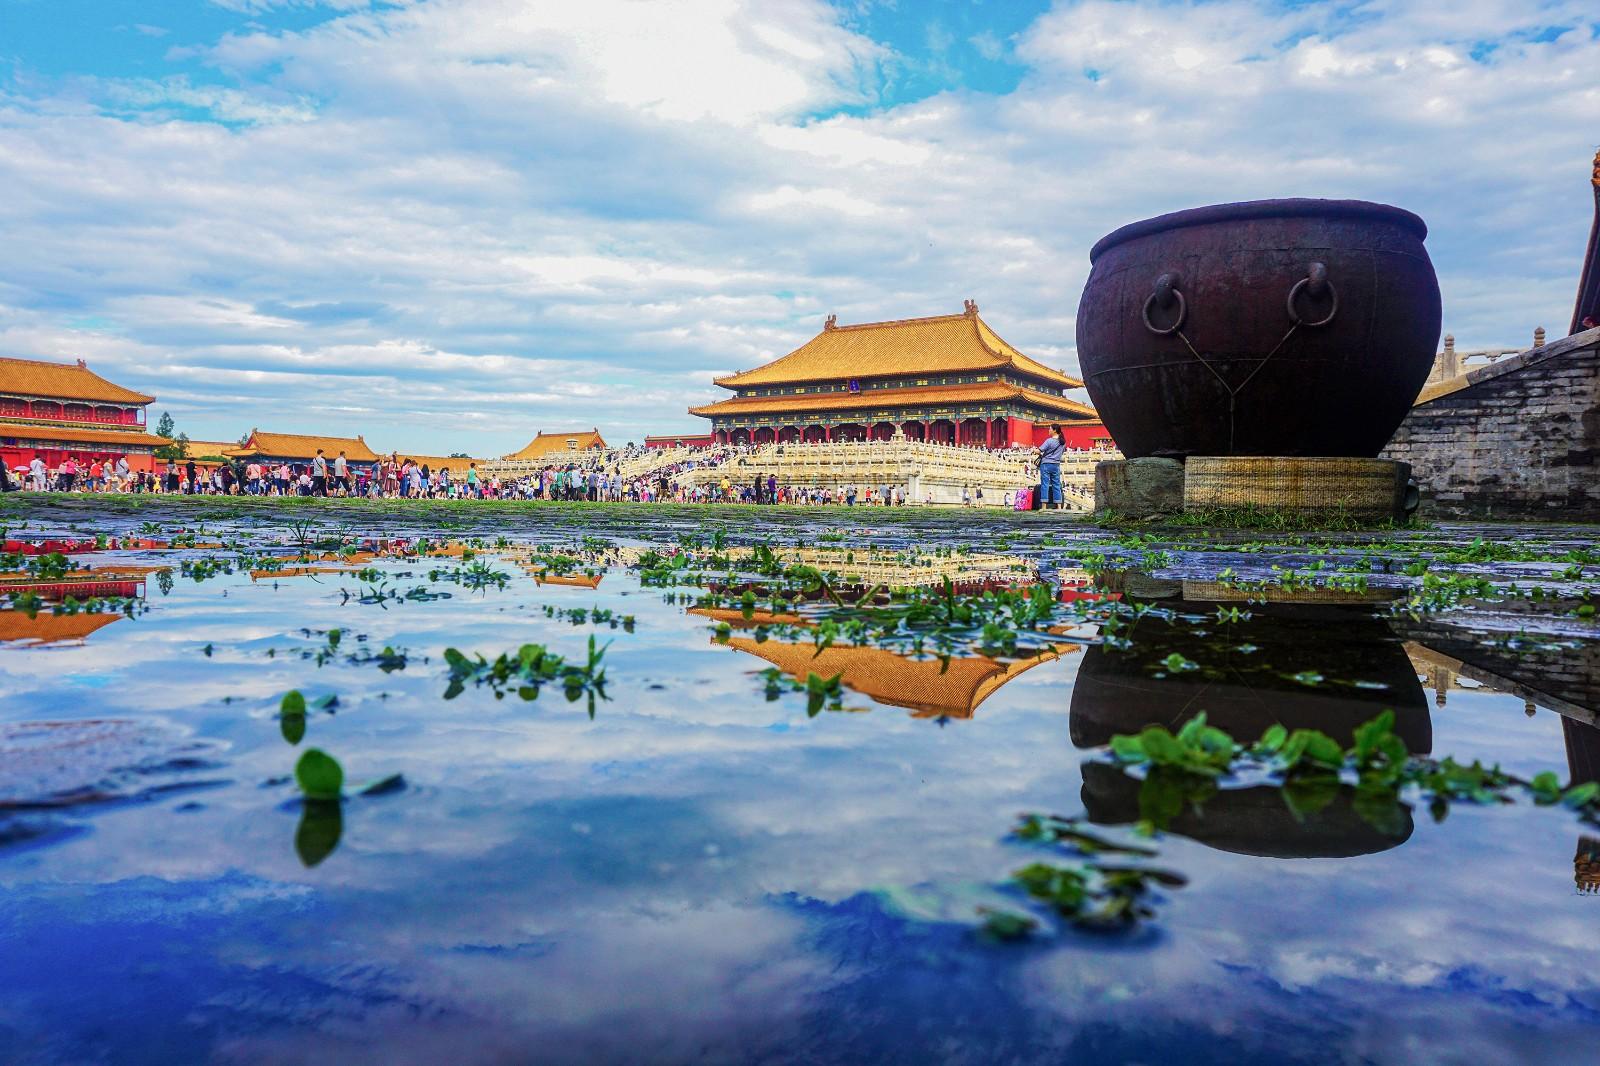 【雨后紫禁城】王越  13601098050   2017年8月23日拍摄于故宫博物院_副本.jpg